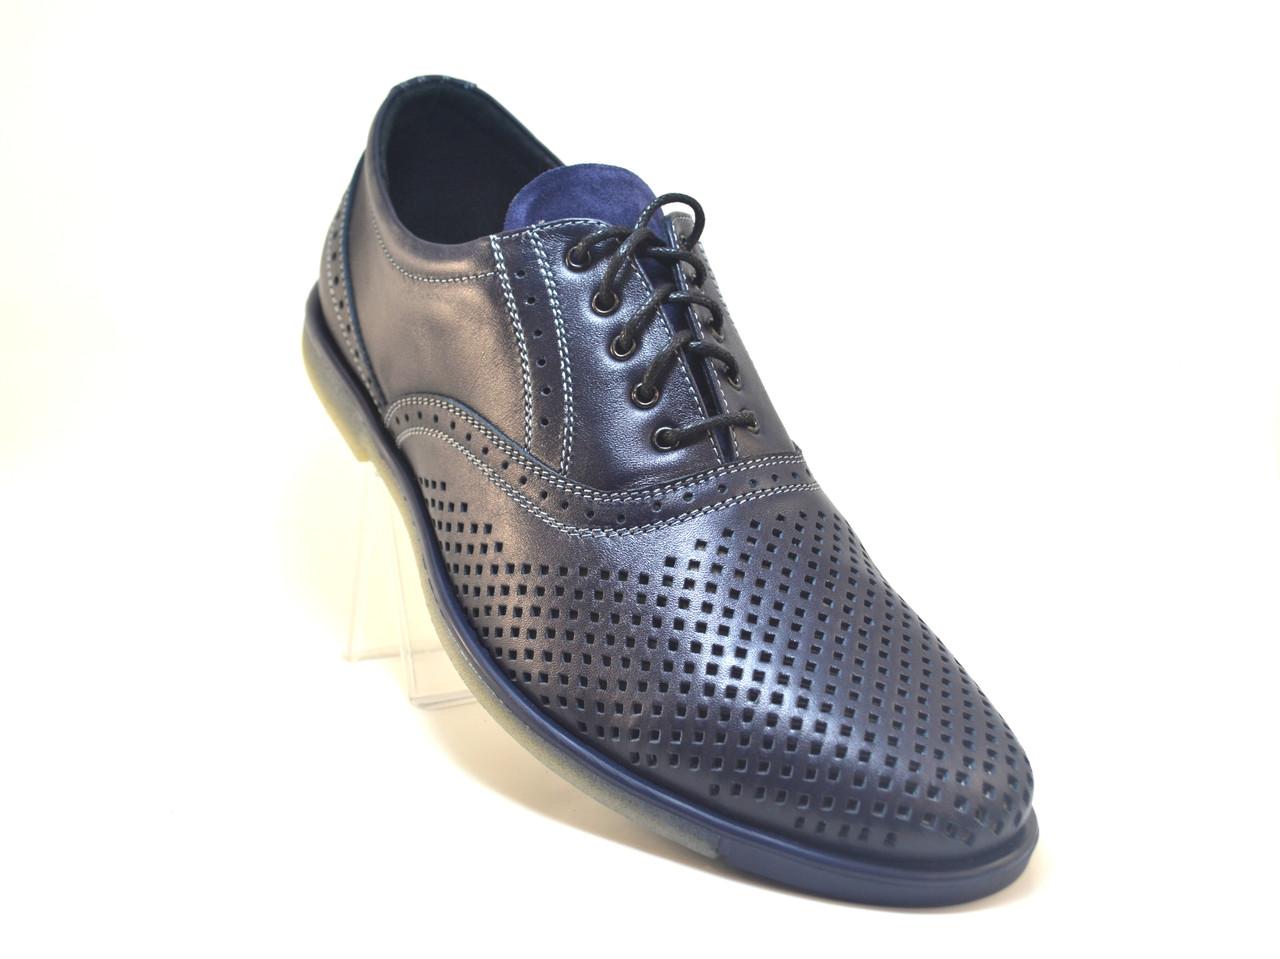 Обувь больших размеров. Летние туфли мужские кожаные черные с перфорацией Rosso Avangard BS Romano traforata